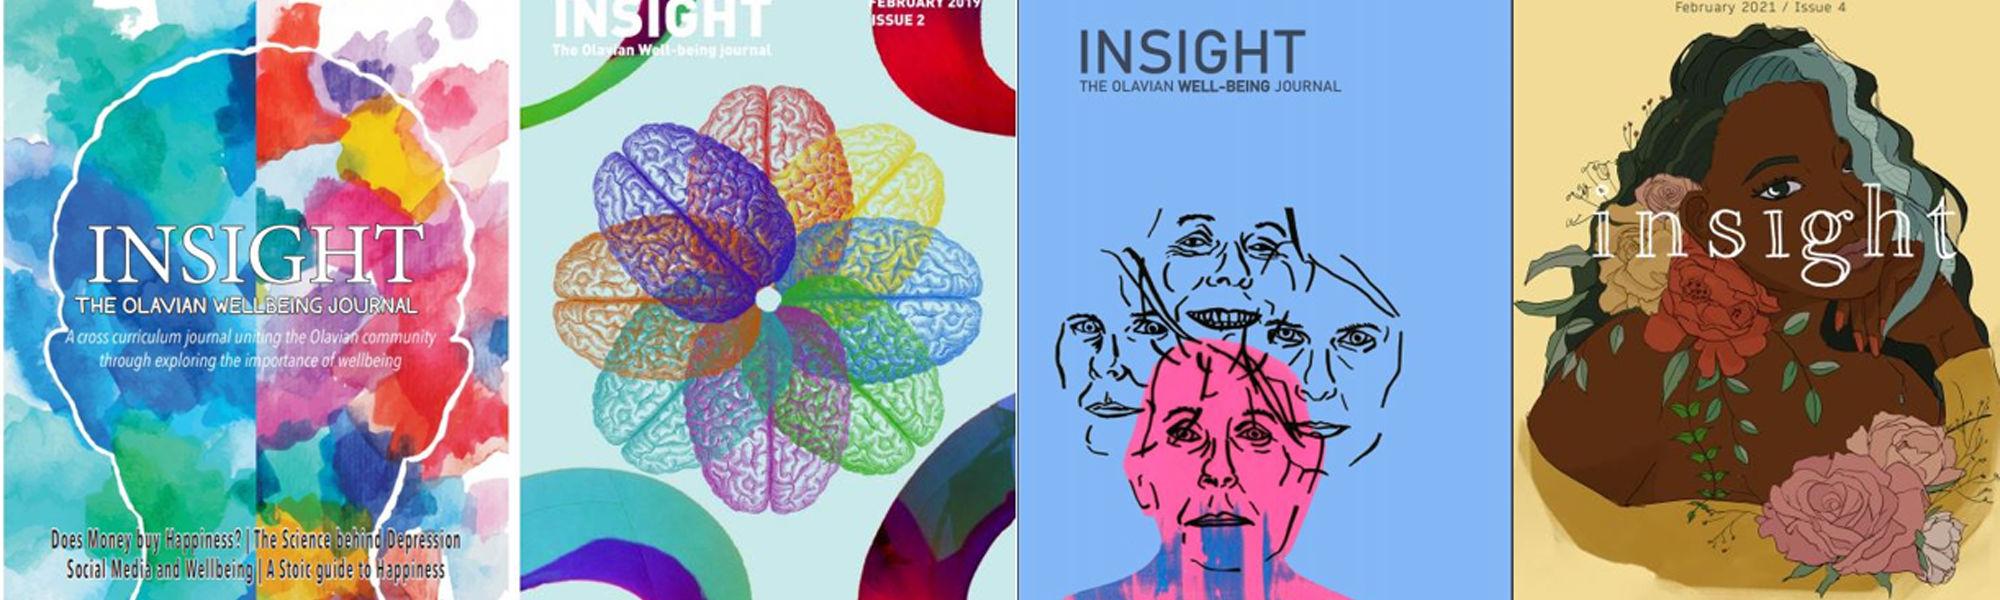 Insight header1